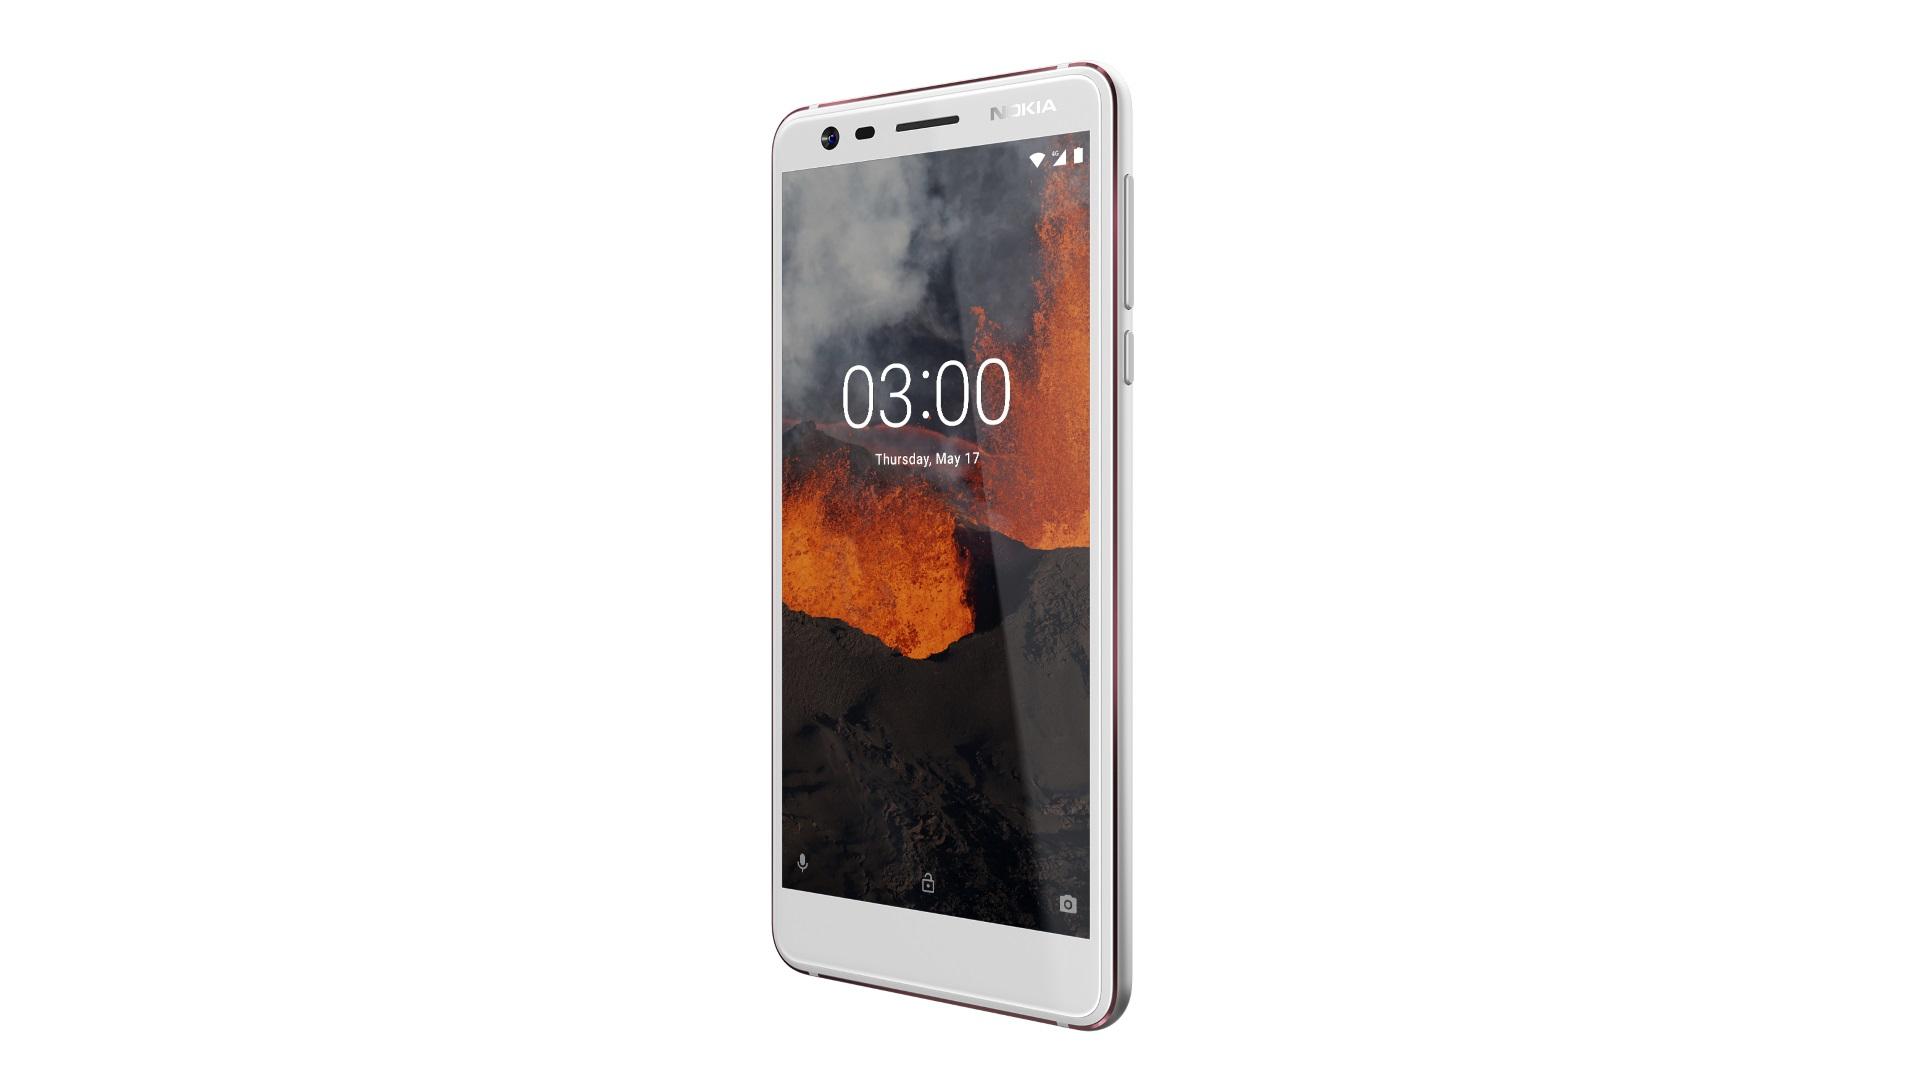 Изображение рендера телефона Nokia 3.1 в корпусе белого цвета в развороте